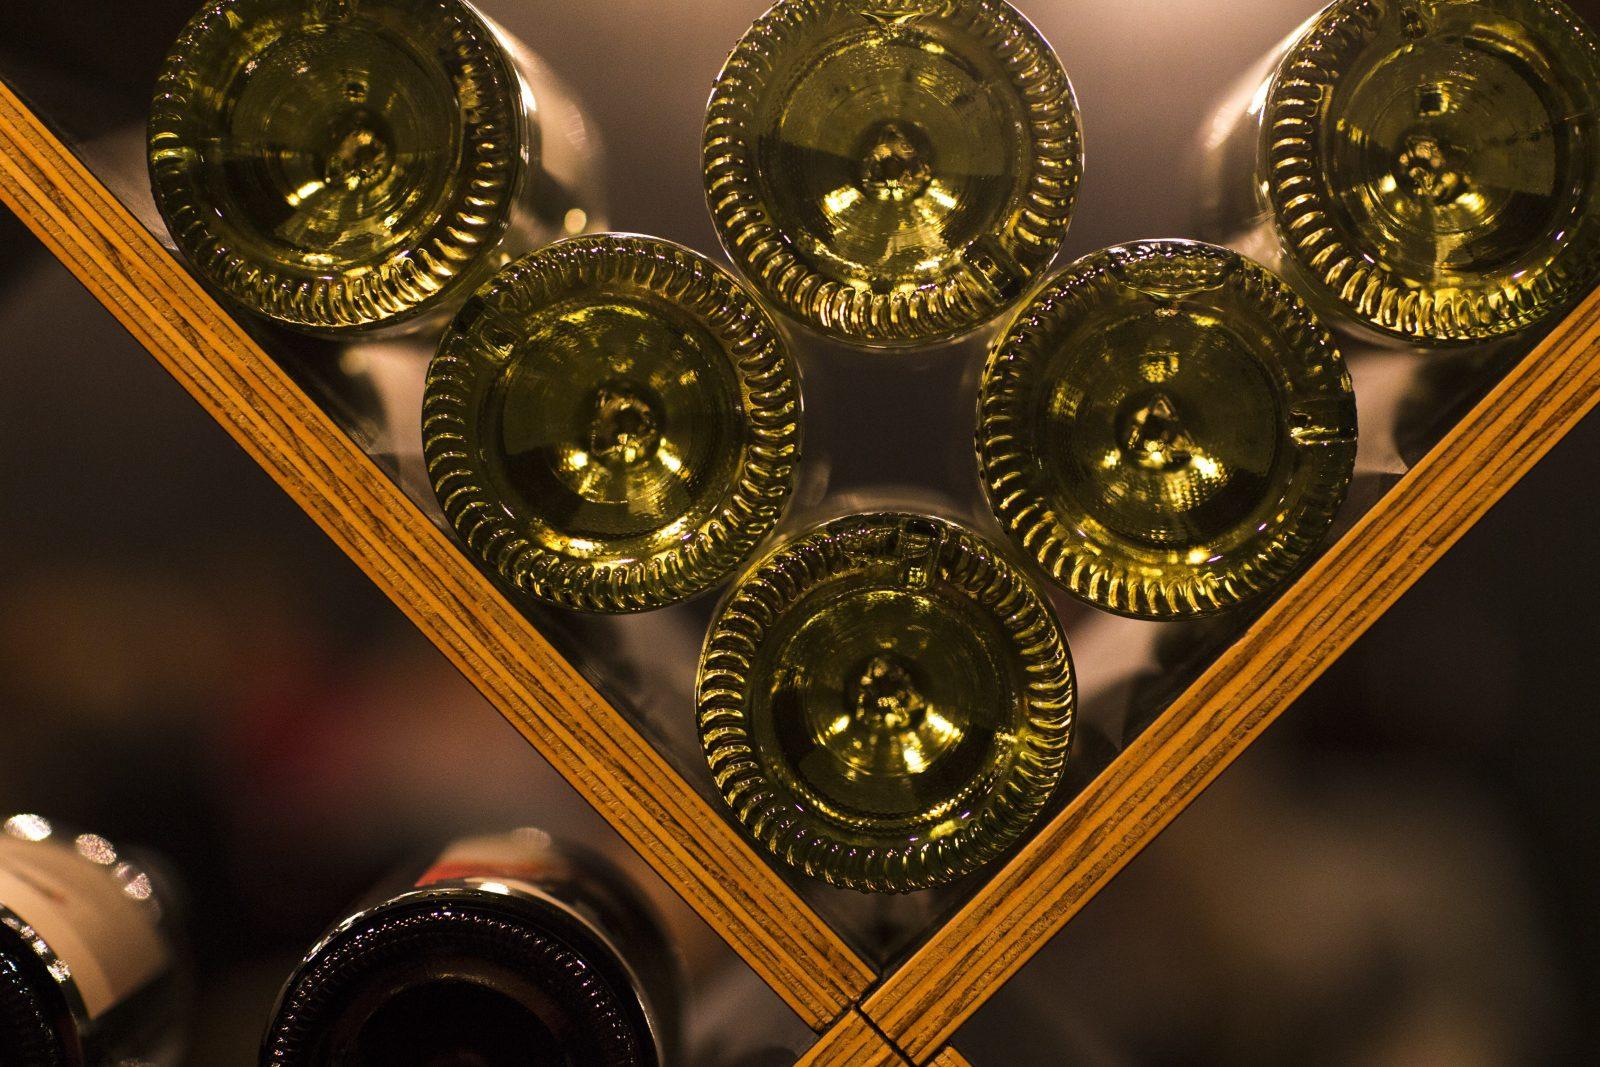 Wine bottles in a wine rack